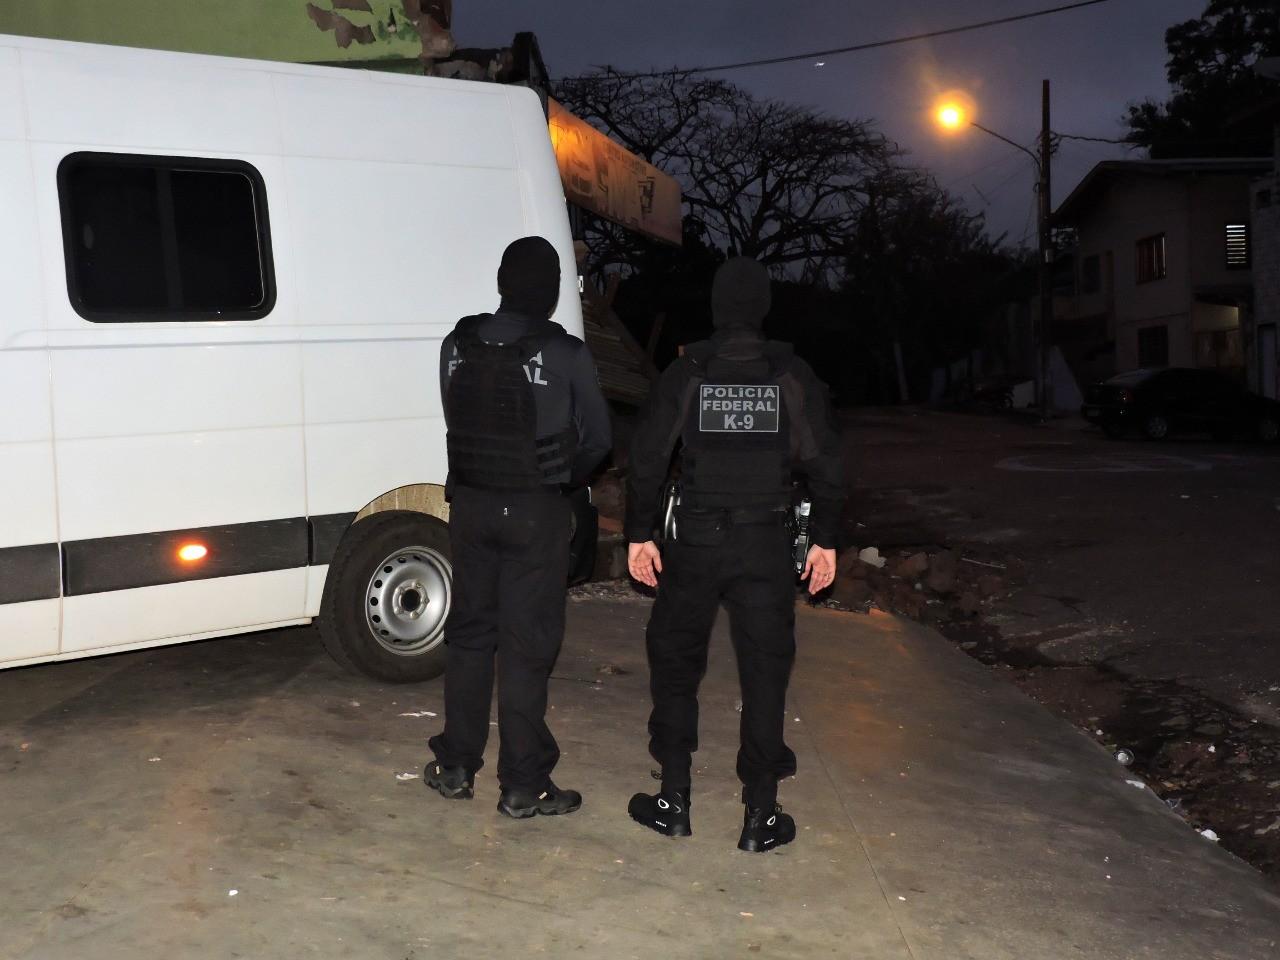 PF faz 'Operação Troia' contra grupo criminoso e prende 20 pessoas no Acre - Notícias - Plantão Diário